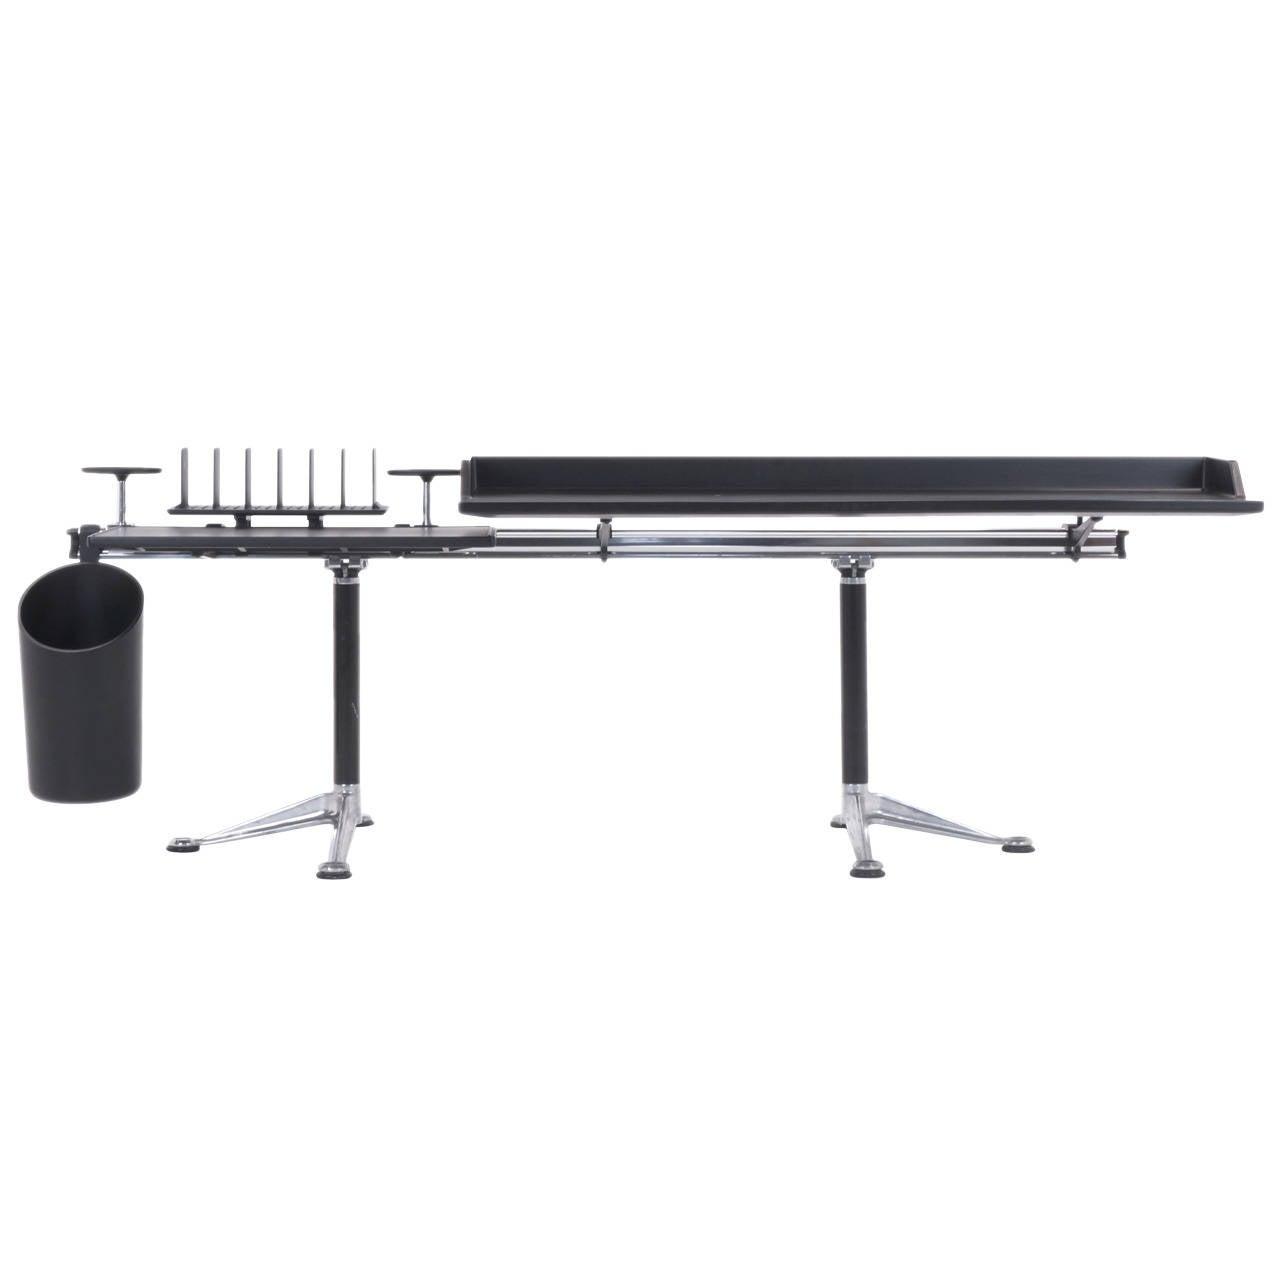 Bruce burdick for herman miller office desk system at 1stdibs - Herman miller office desk ...